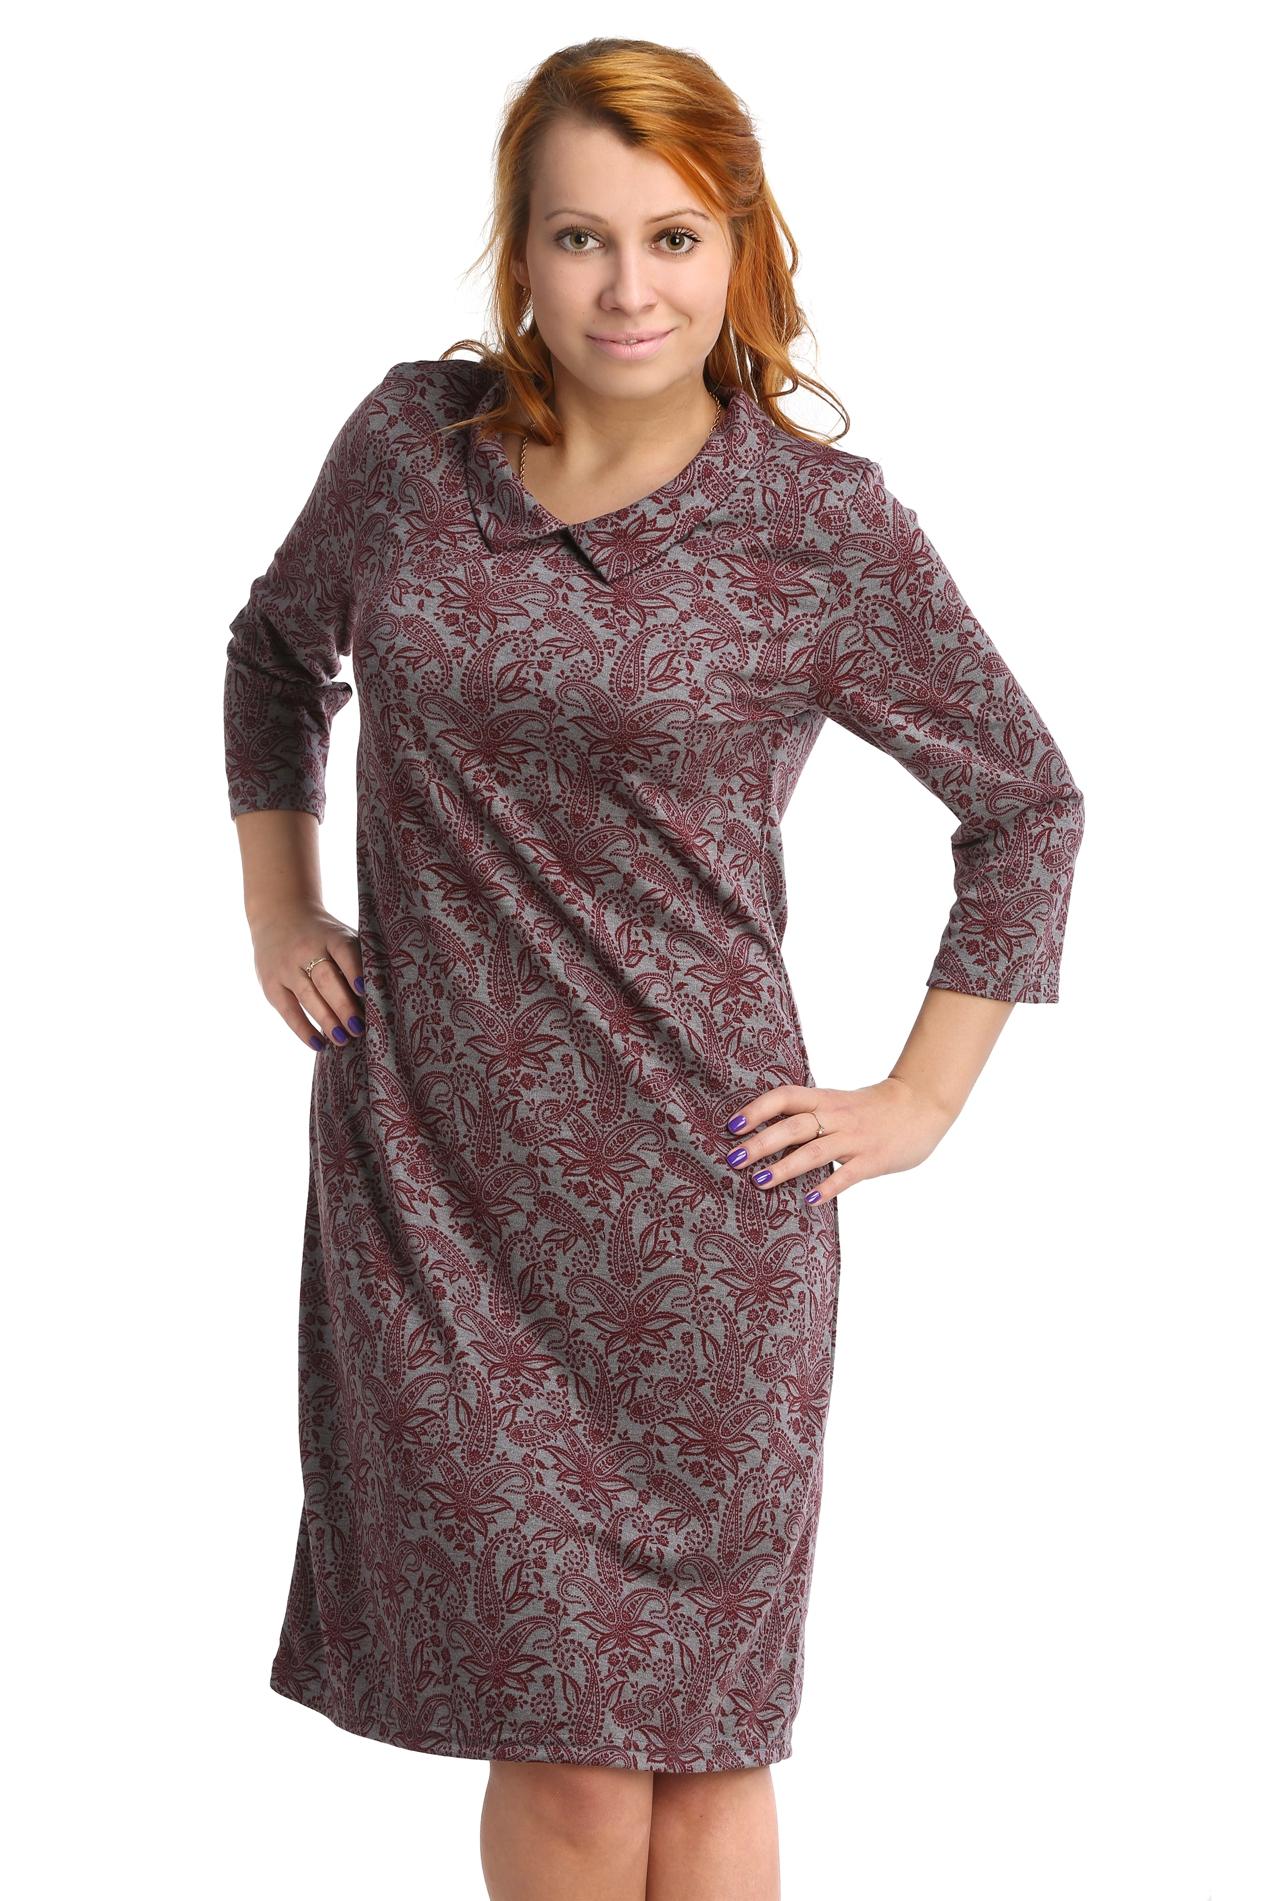 Жен. платье арт. 16-0073 Бордо р. 46Распродажа женской одежды<br>Обхват груди: 92 см <br>Обхват талии: 73 см <br>Обхват бедер: 100 см <br>Длина по спинке: 99 см <br>Рост: 164-170 см<br><br>Тип: Жен. платье<br>Размер: 46<br>Материал: Интерлок